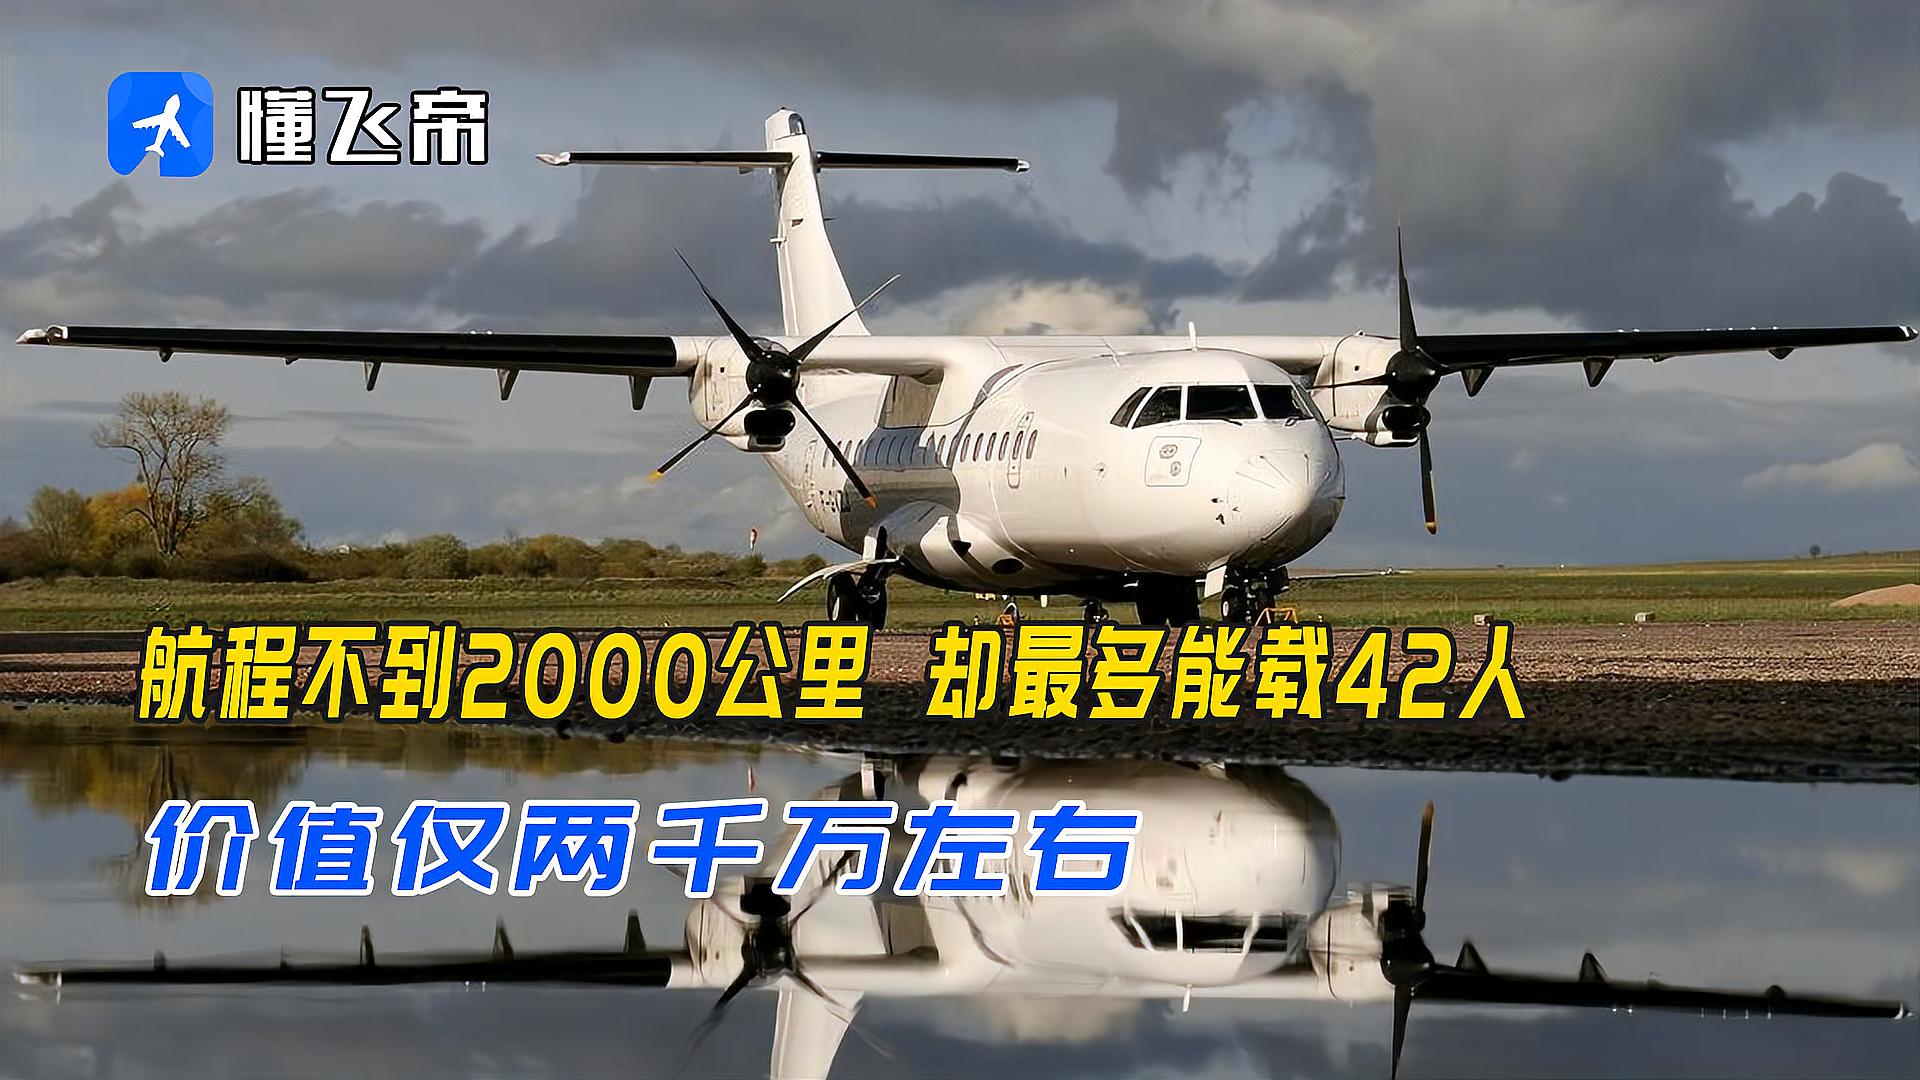 航程不到2000公里的私人飞机,最多能载42人,价值仅两千万